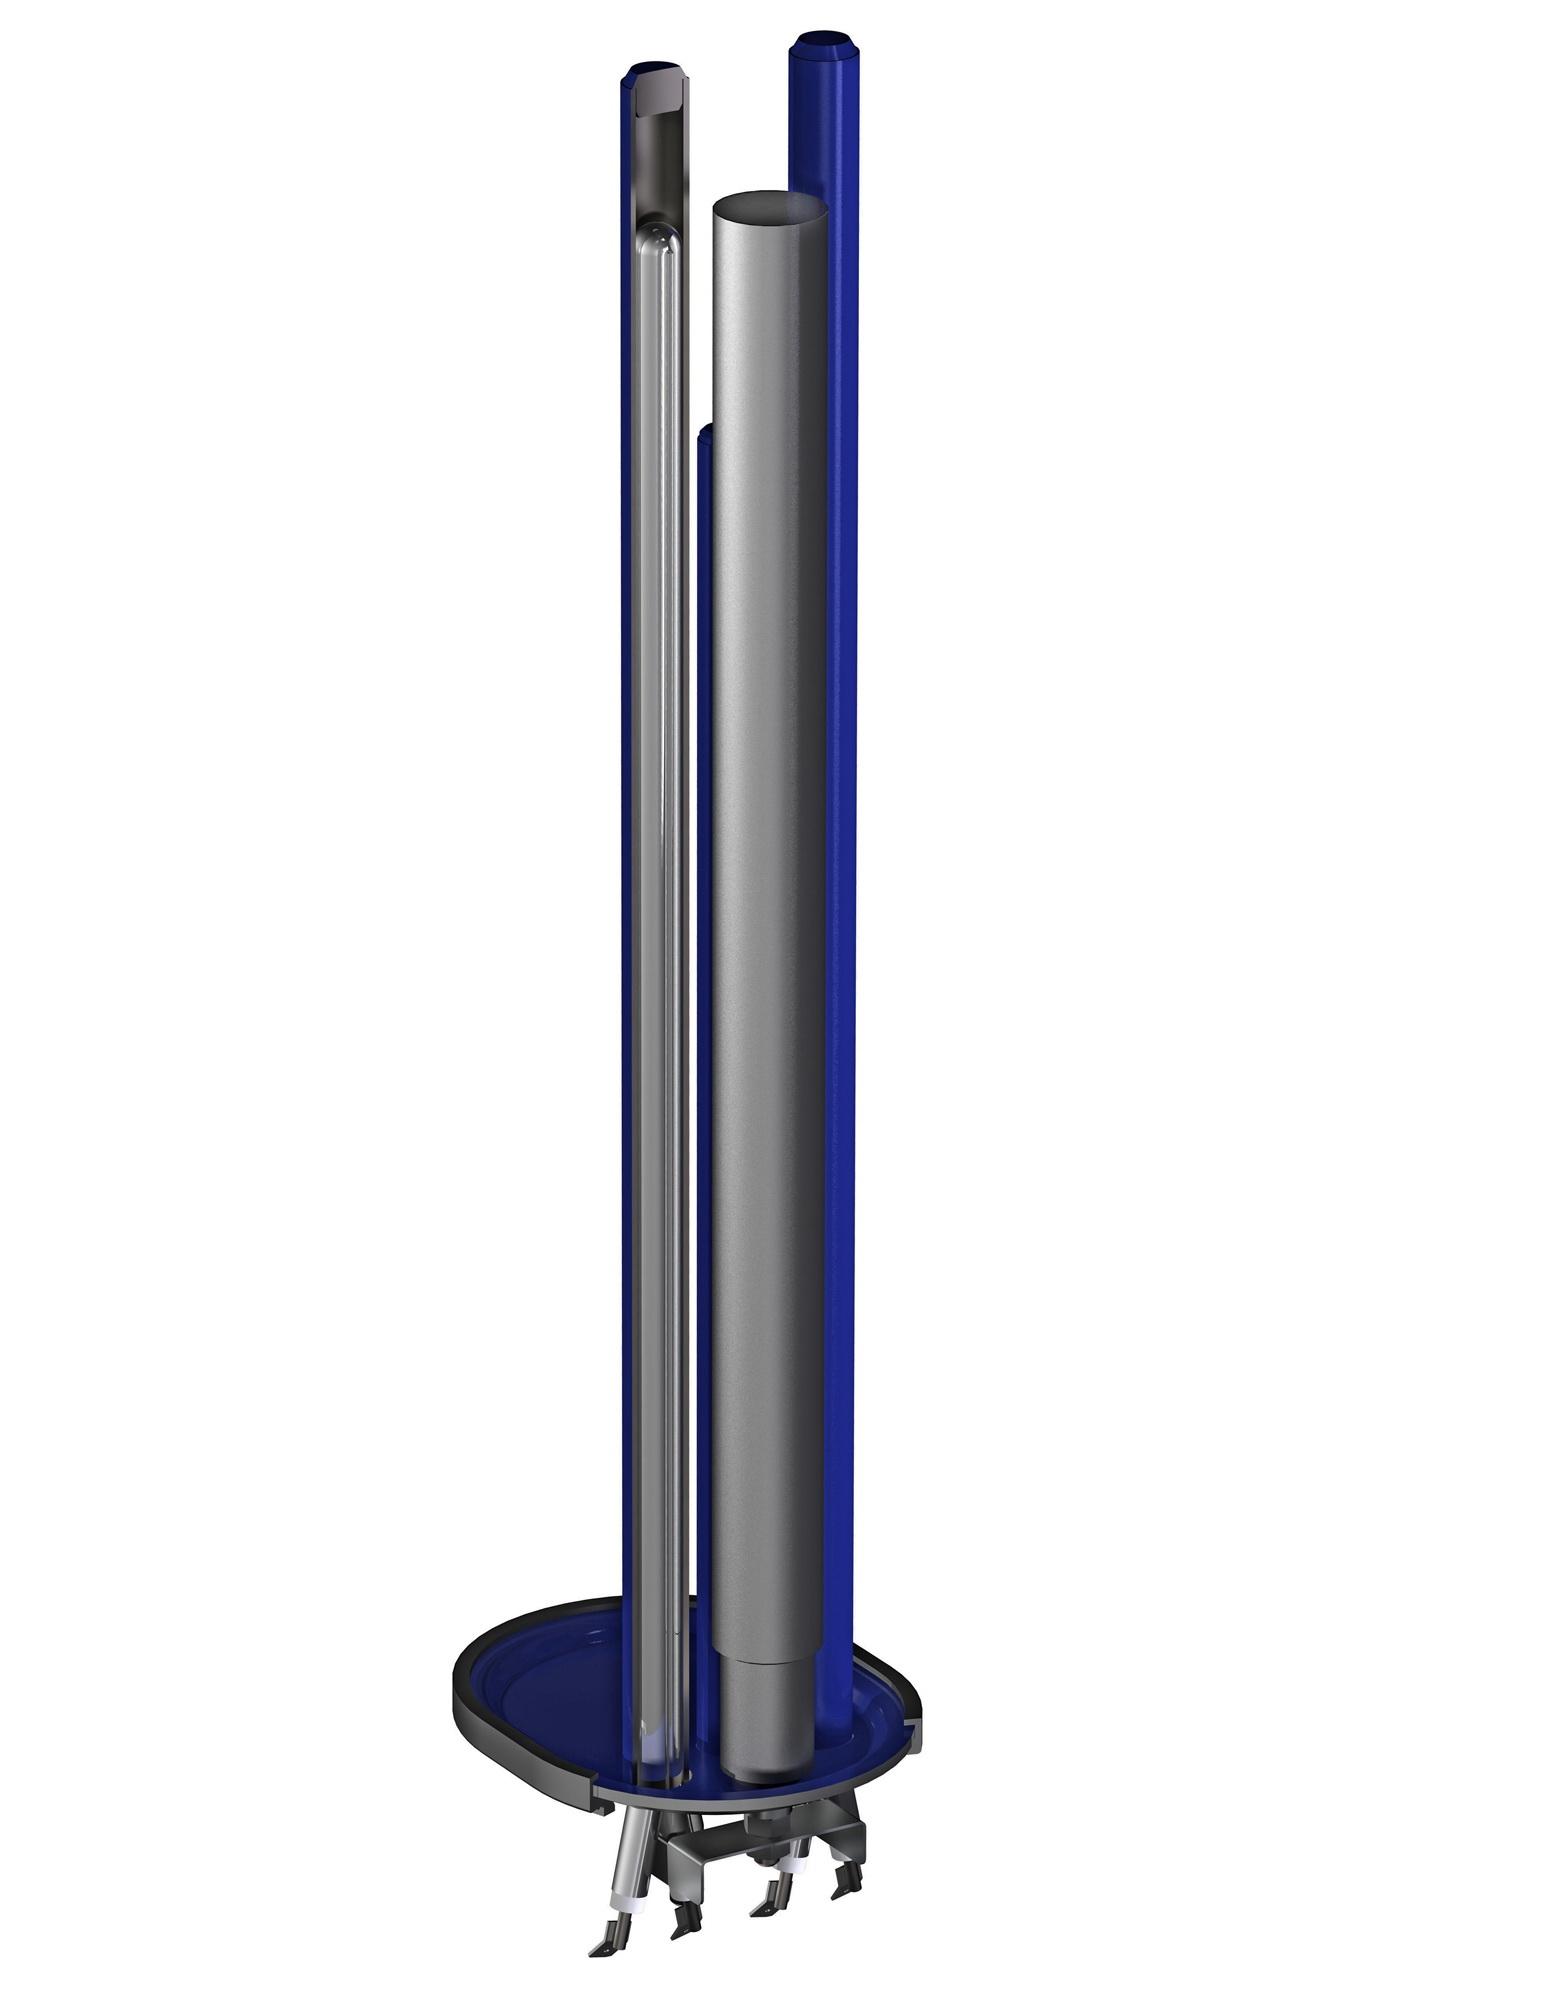 Warmwasserspeicher Eldom Style Dry 100 Liter druckfest